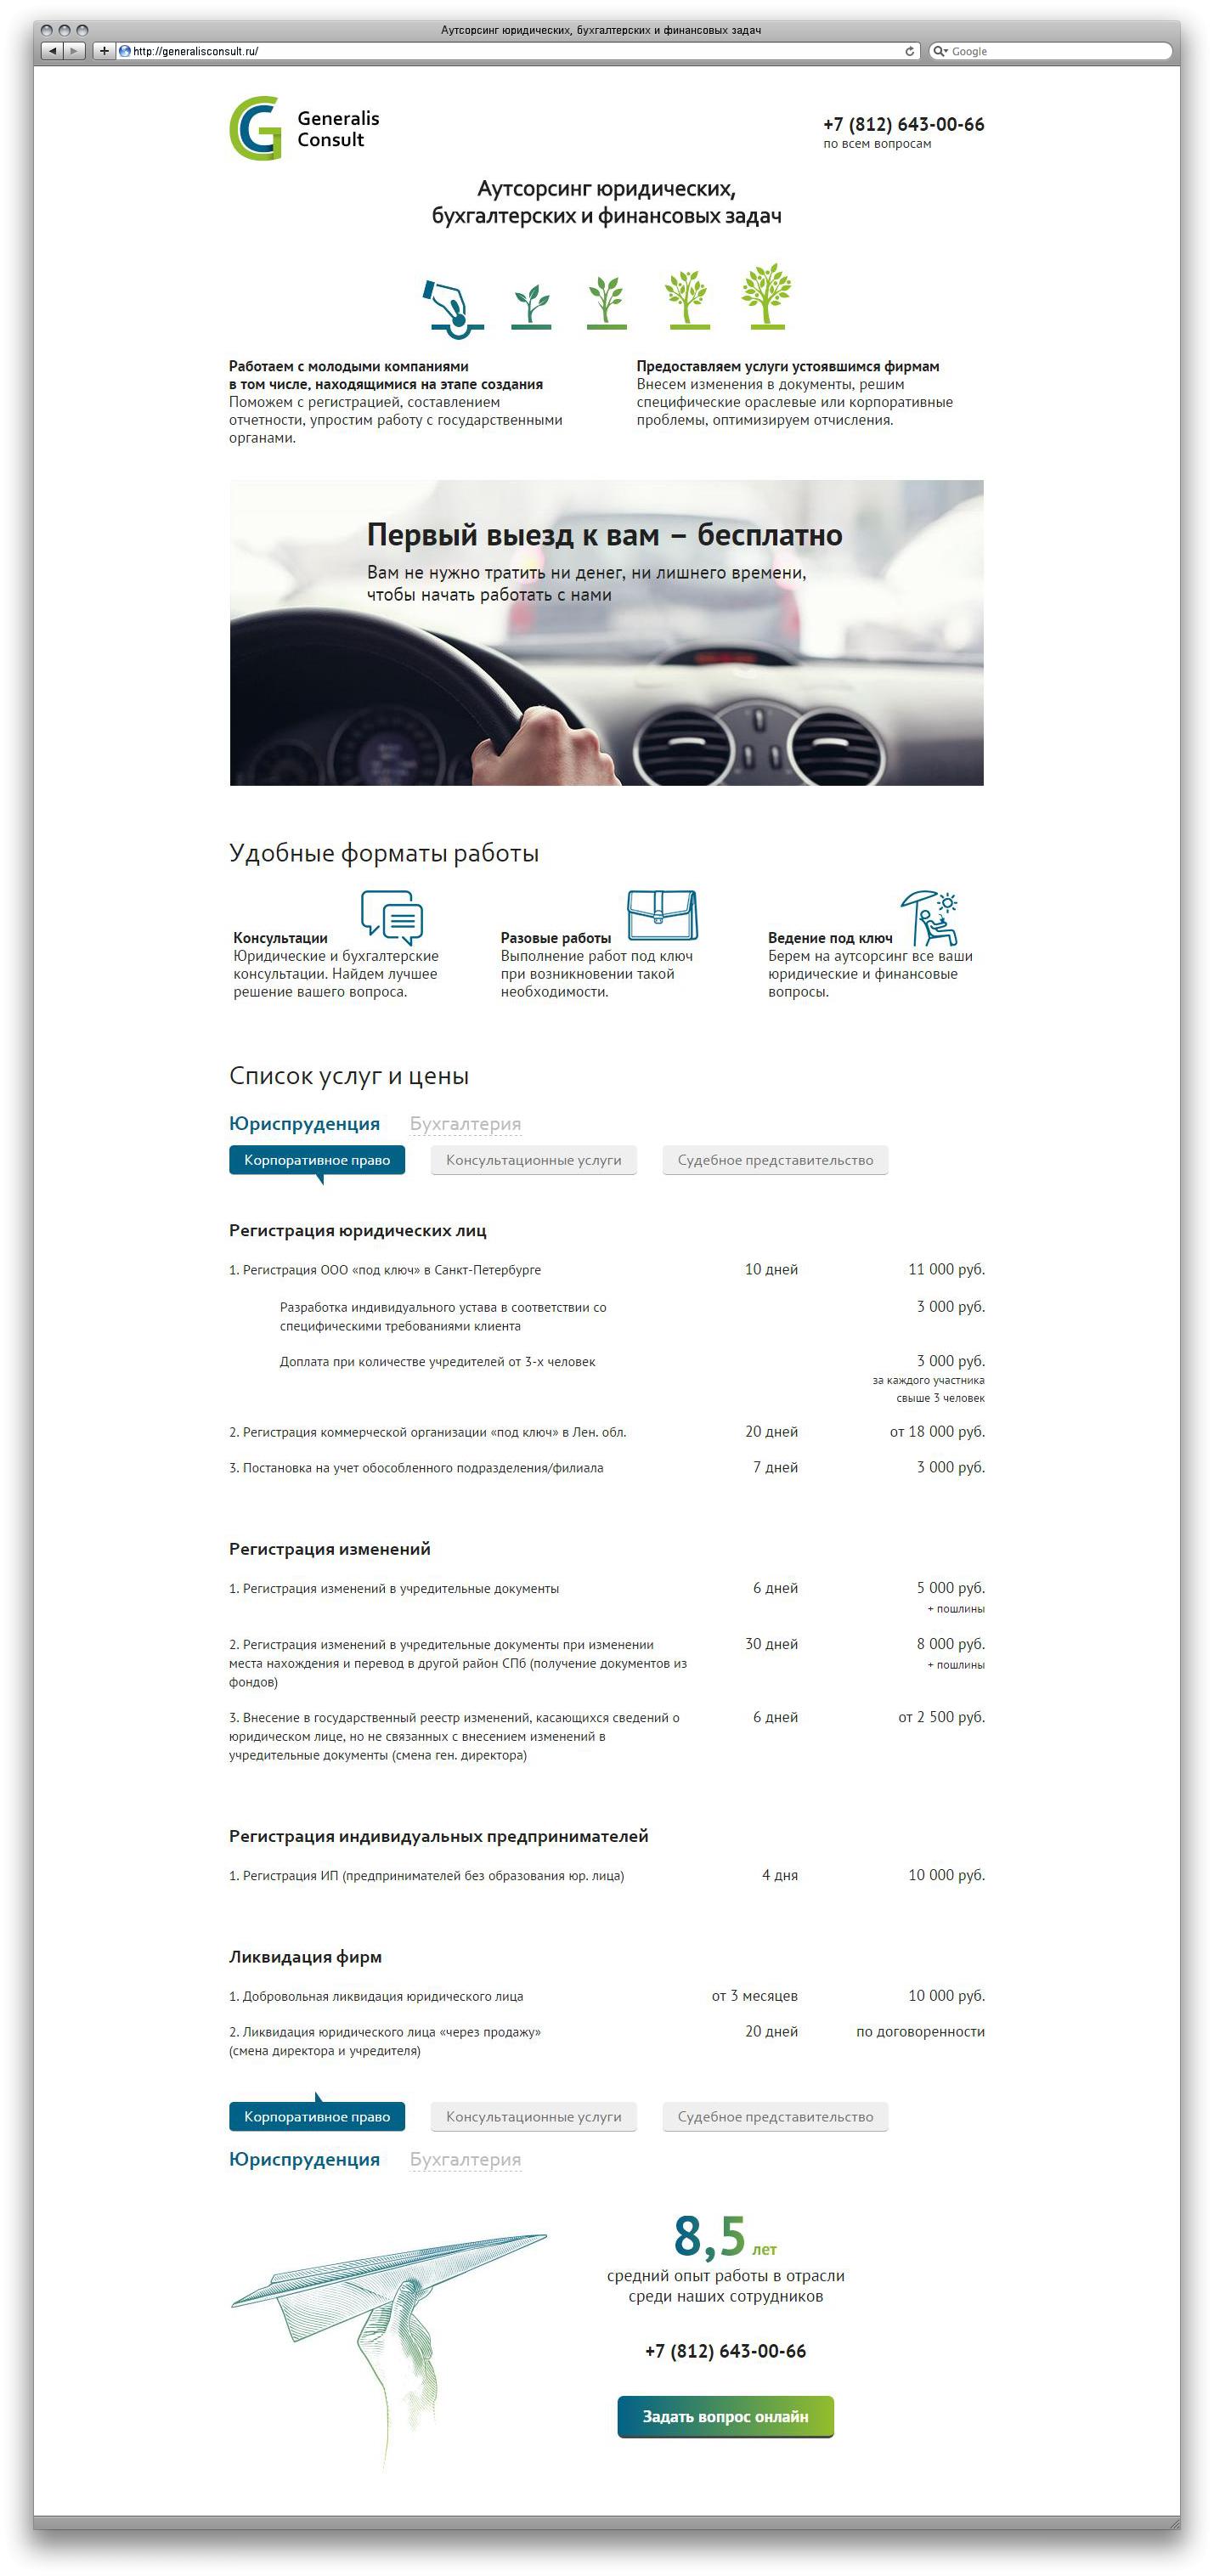 Страница: Generalisconsult - аутсорсинг юридических, бухгалтерских и финансовых задач